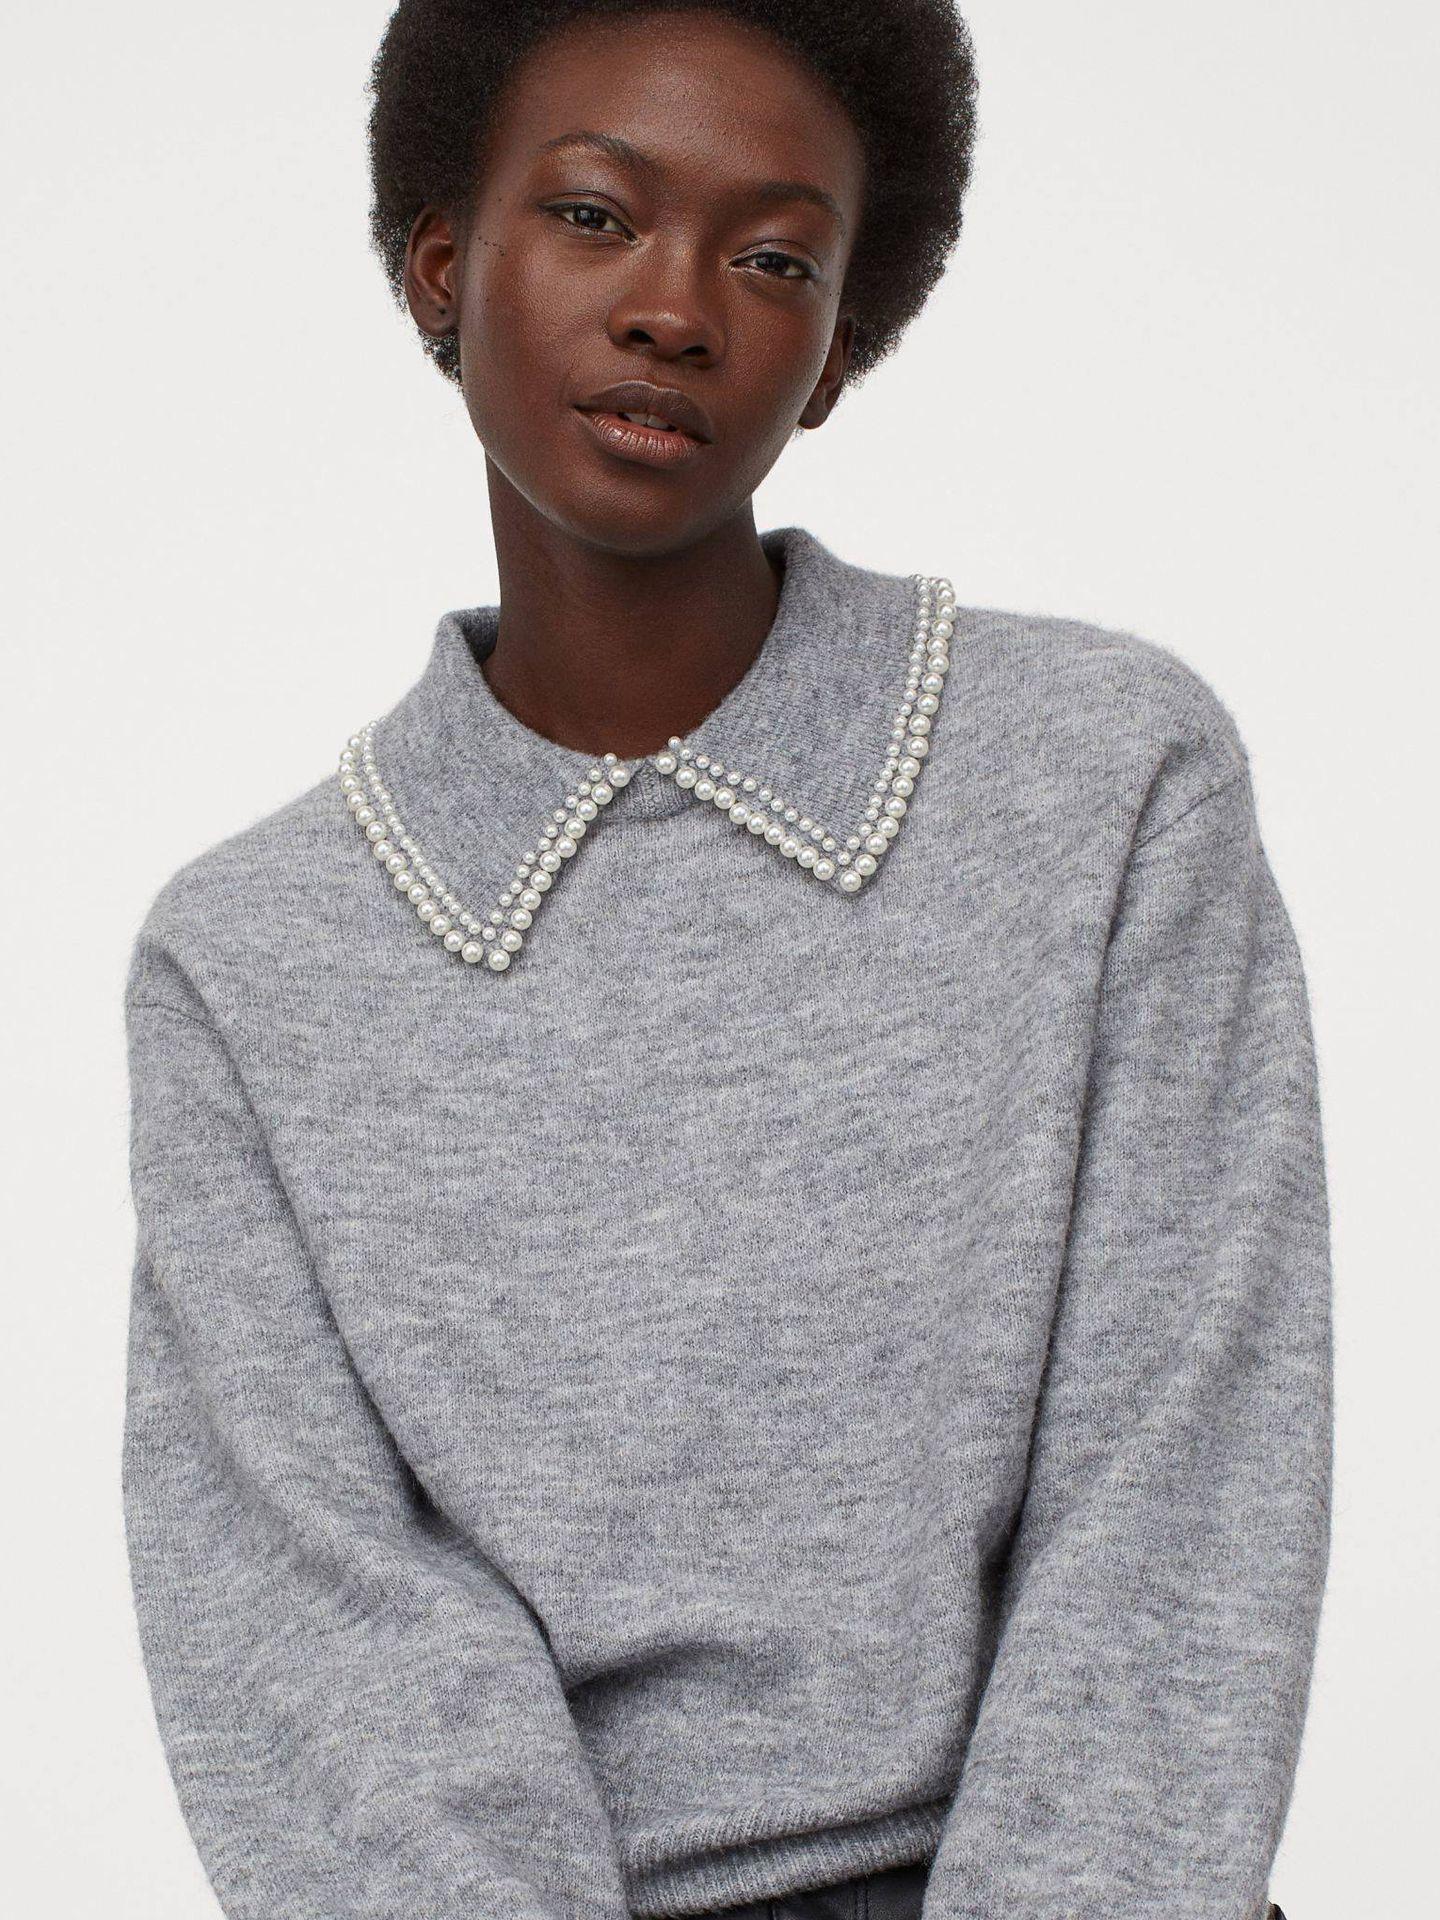 Jersey de cuello glam de HyM. (Cortesía)